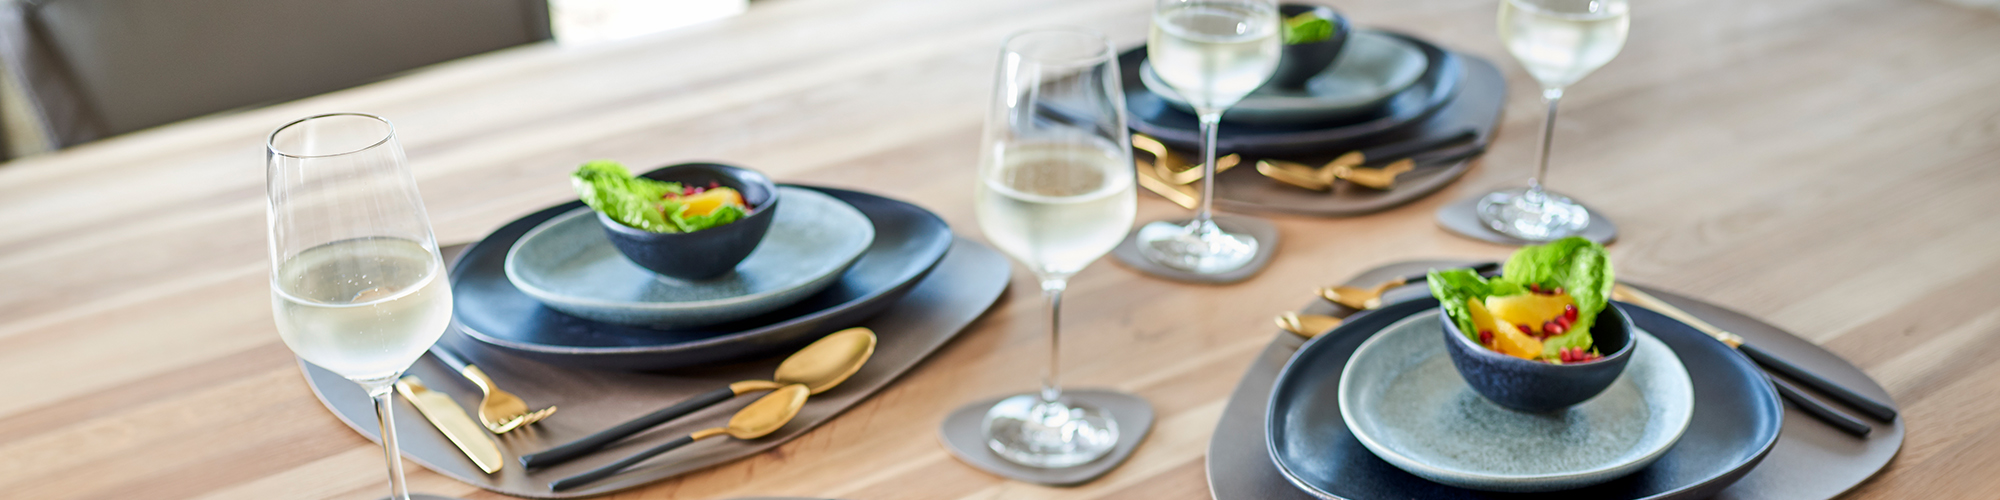 Platzsets und weitere Produkte für den liebevoll gedeckten Esstisch